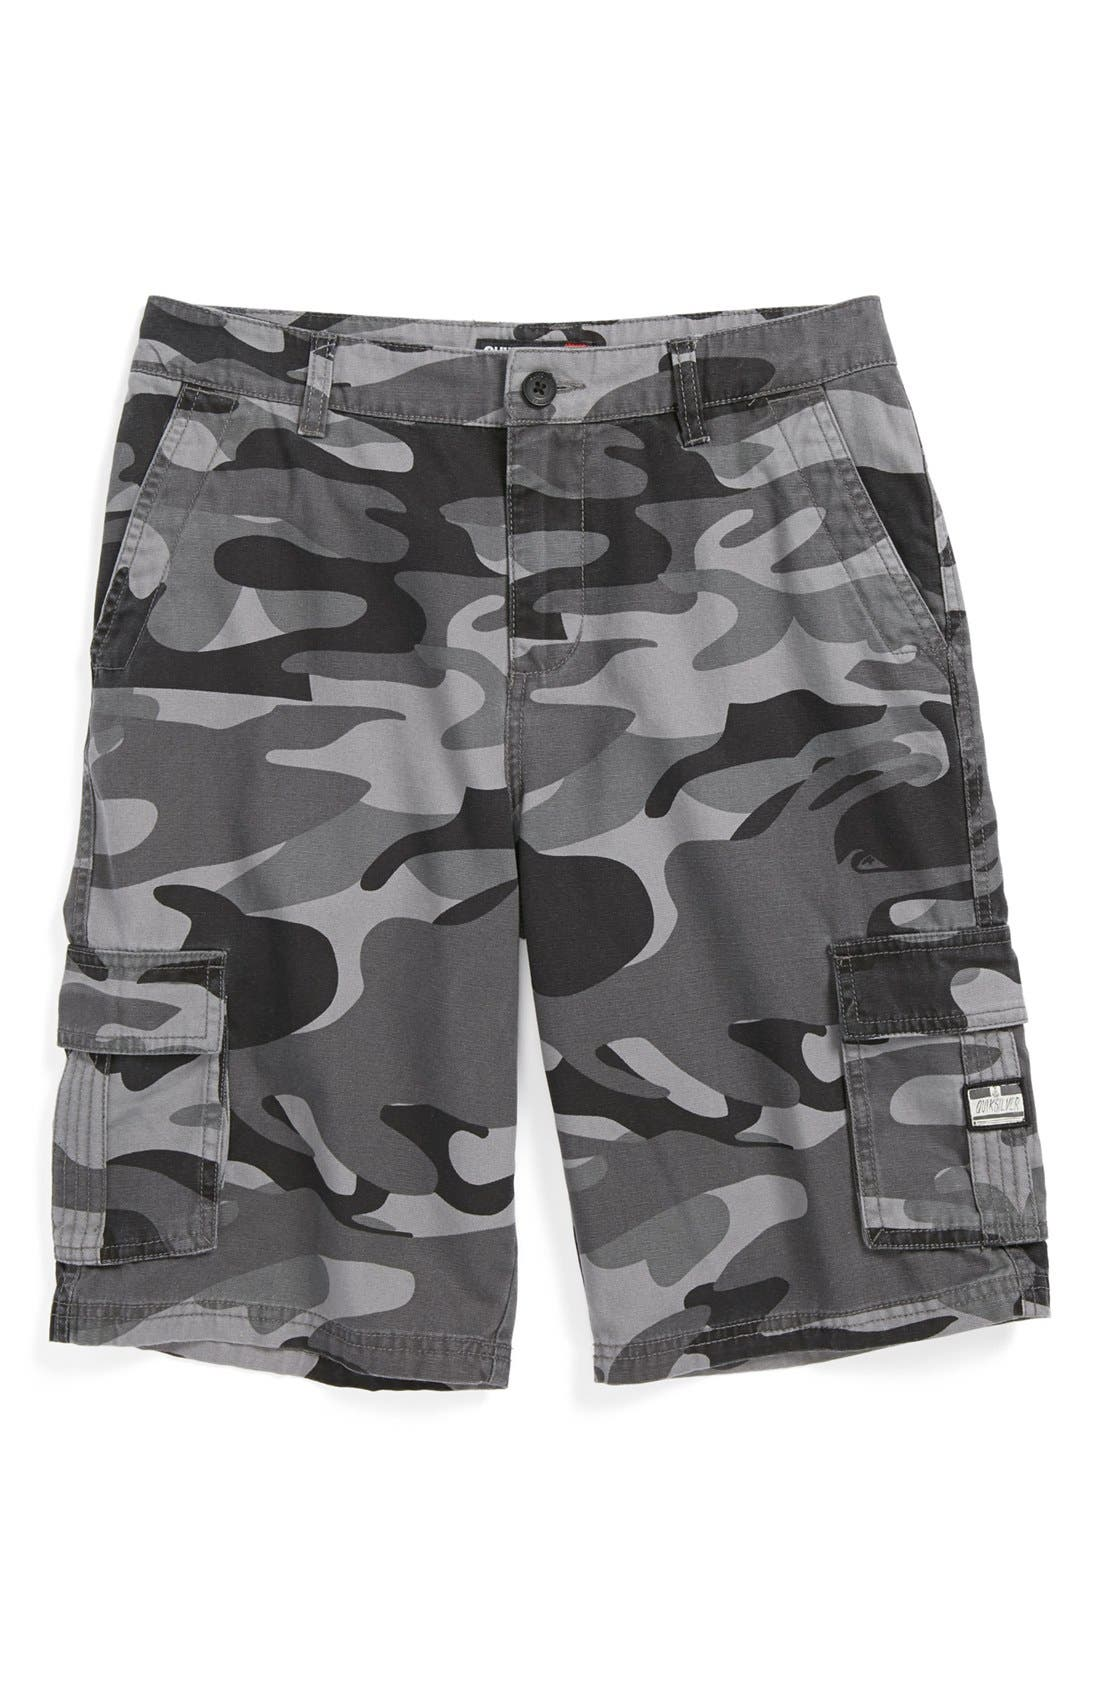 Alternate Image 1 Selected - Quiksilver 'Sue Fley' Camo Shorts (Big Boys)